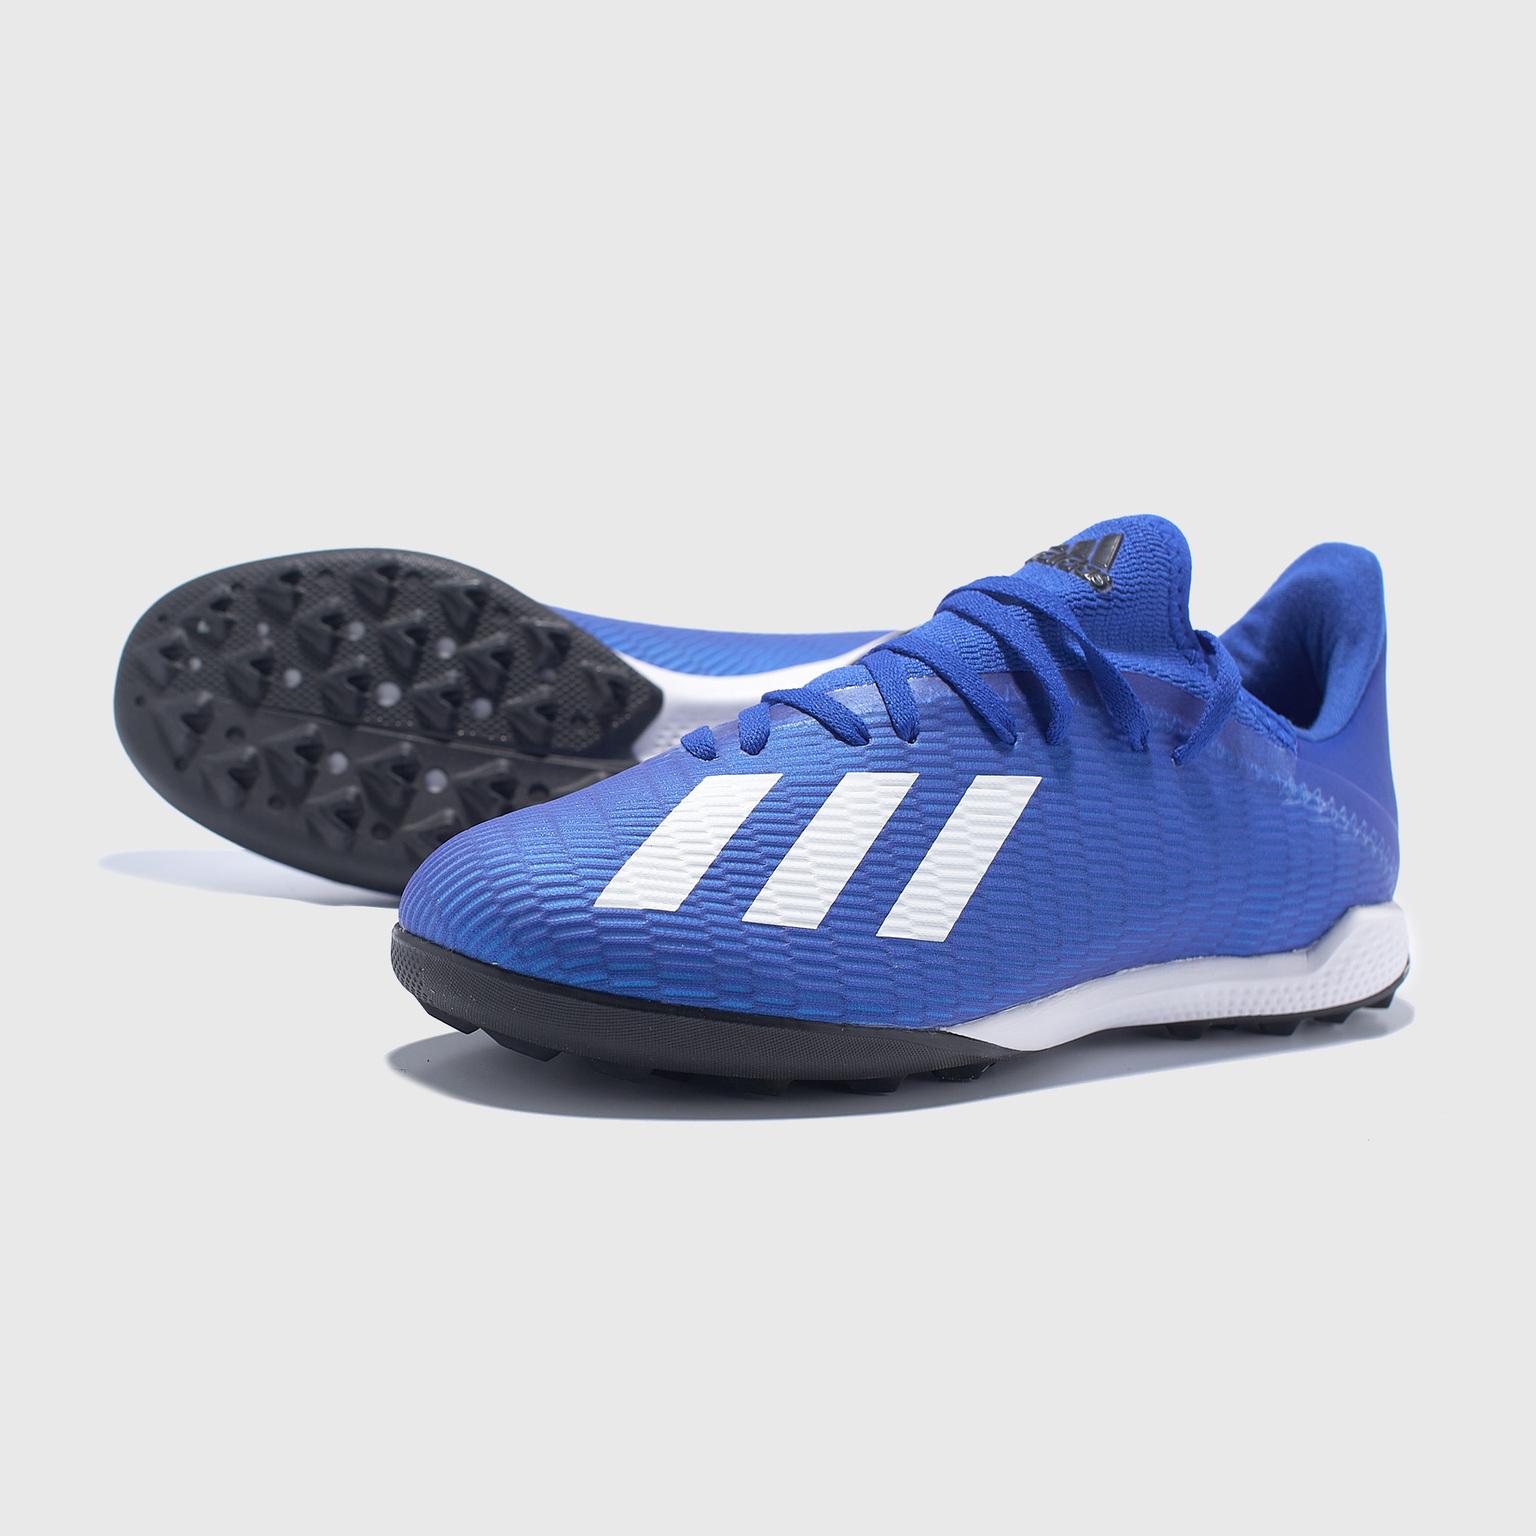 Шиповки Adidas X 19.3 TF EG7155